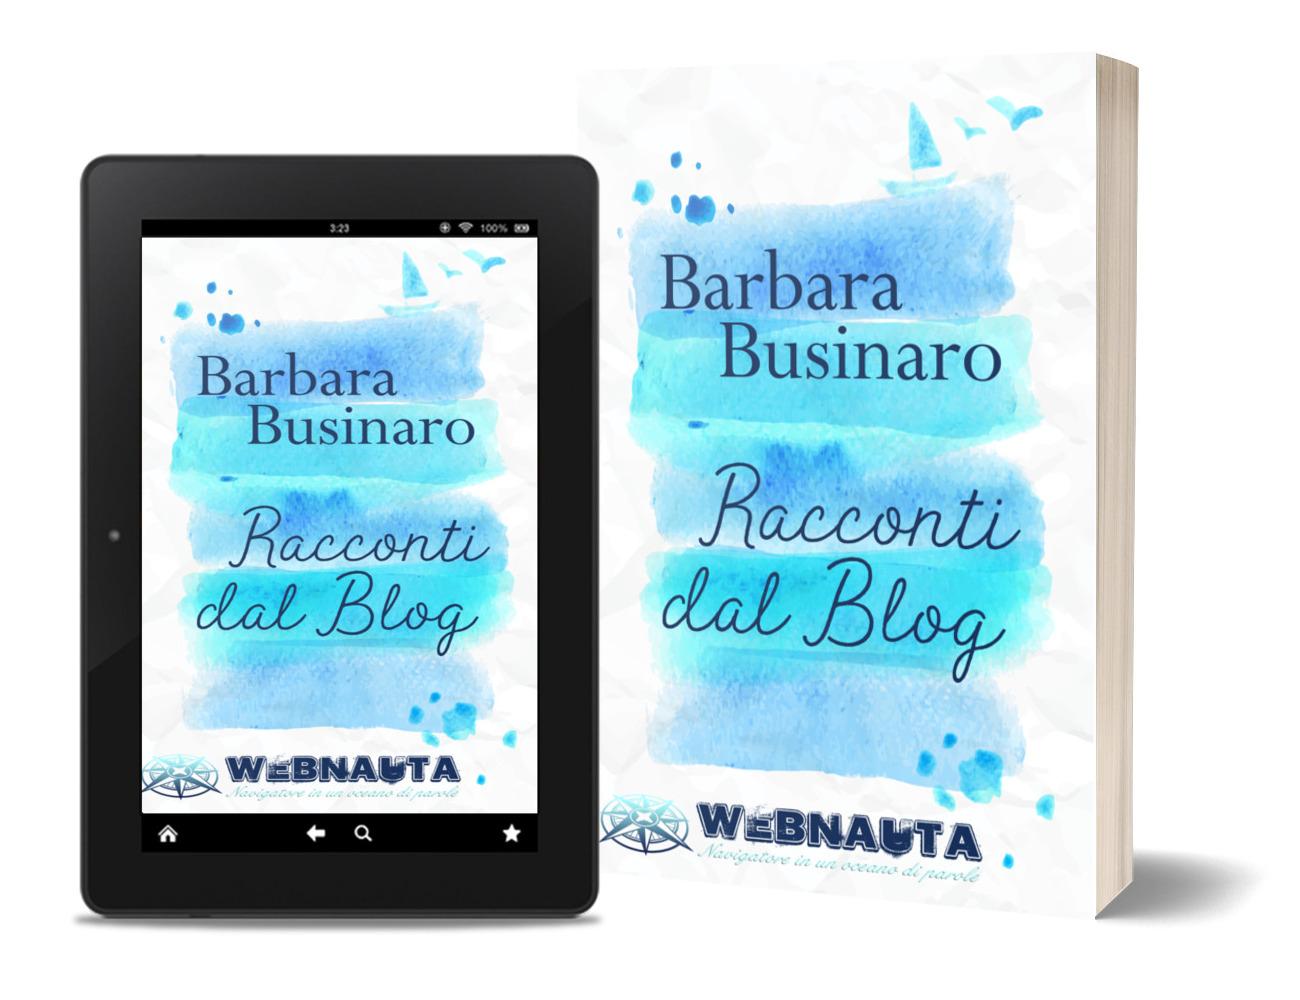 Barbara Businaro - Racconti dal blog - Iscriviti alla newsletter per averla gratis